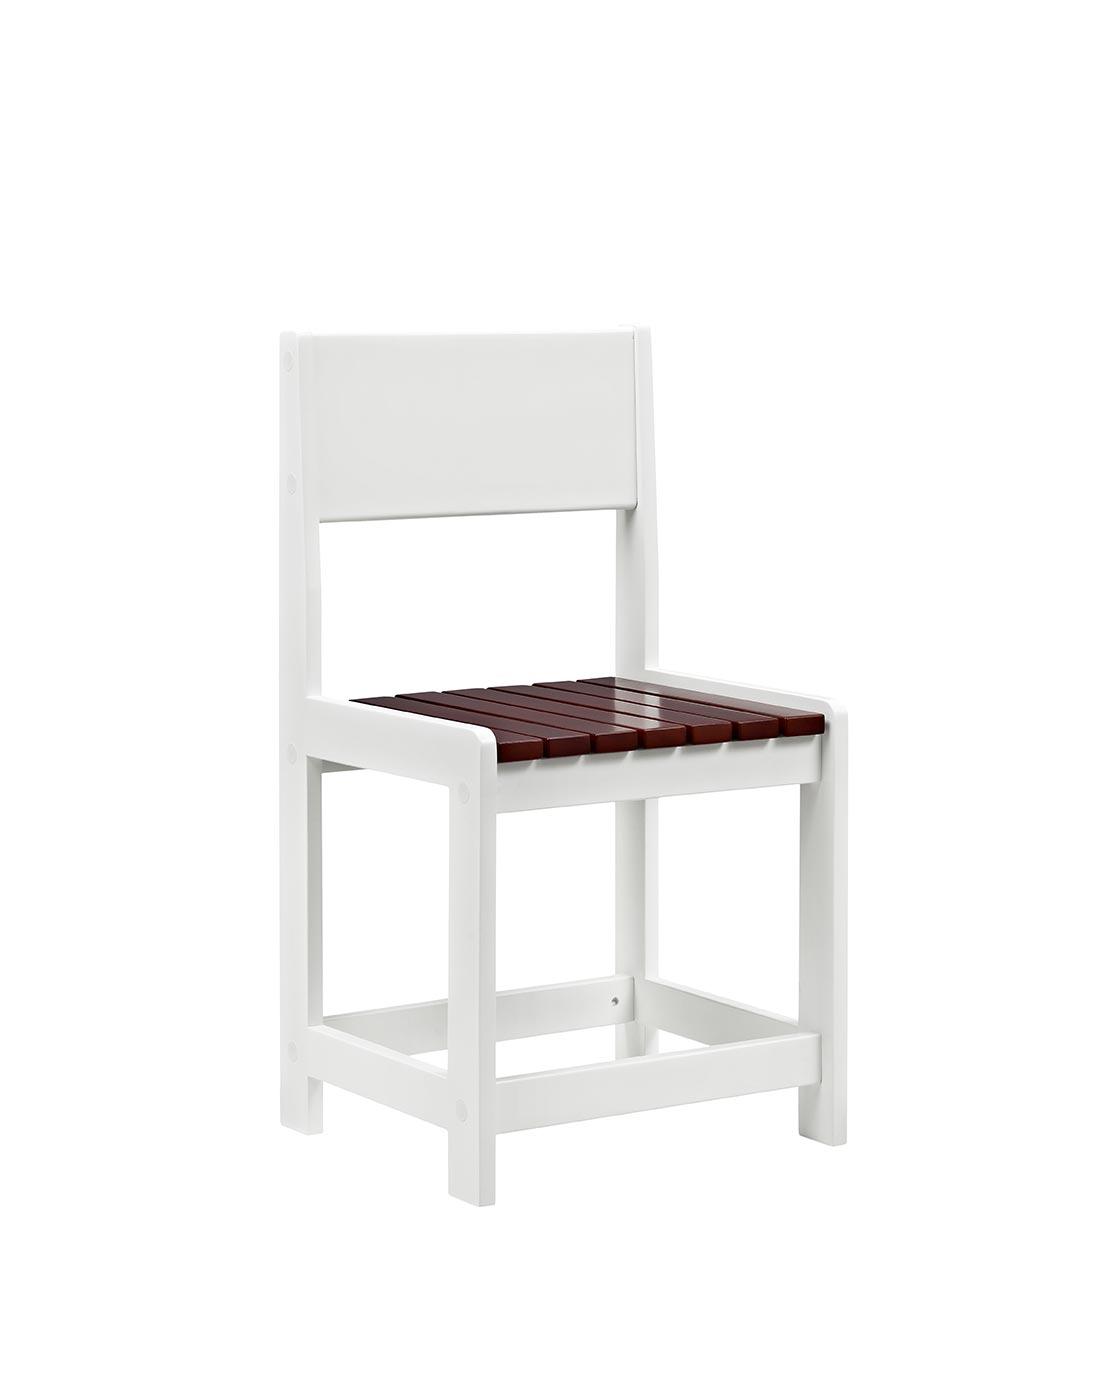 地中海 书桌 上架 椅子